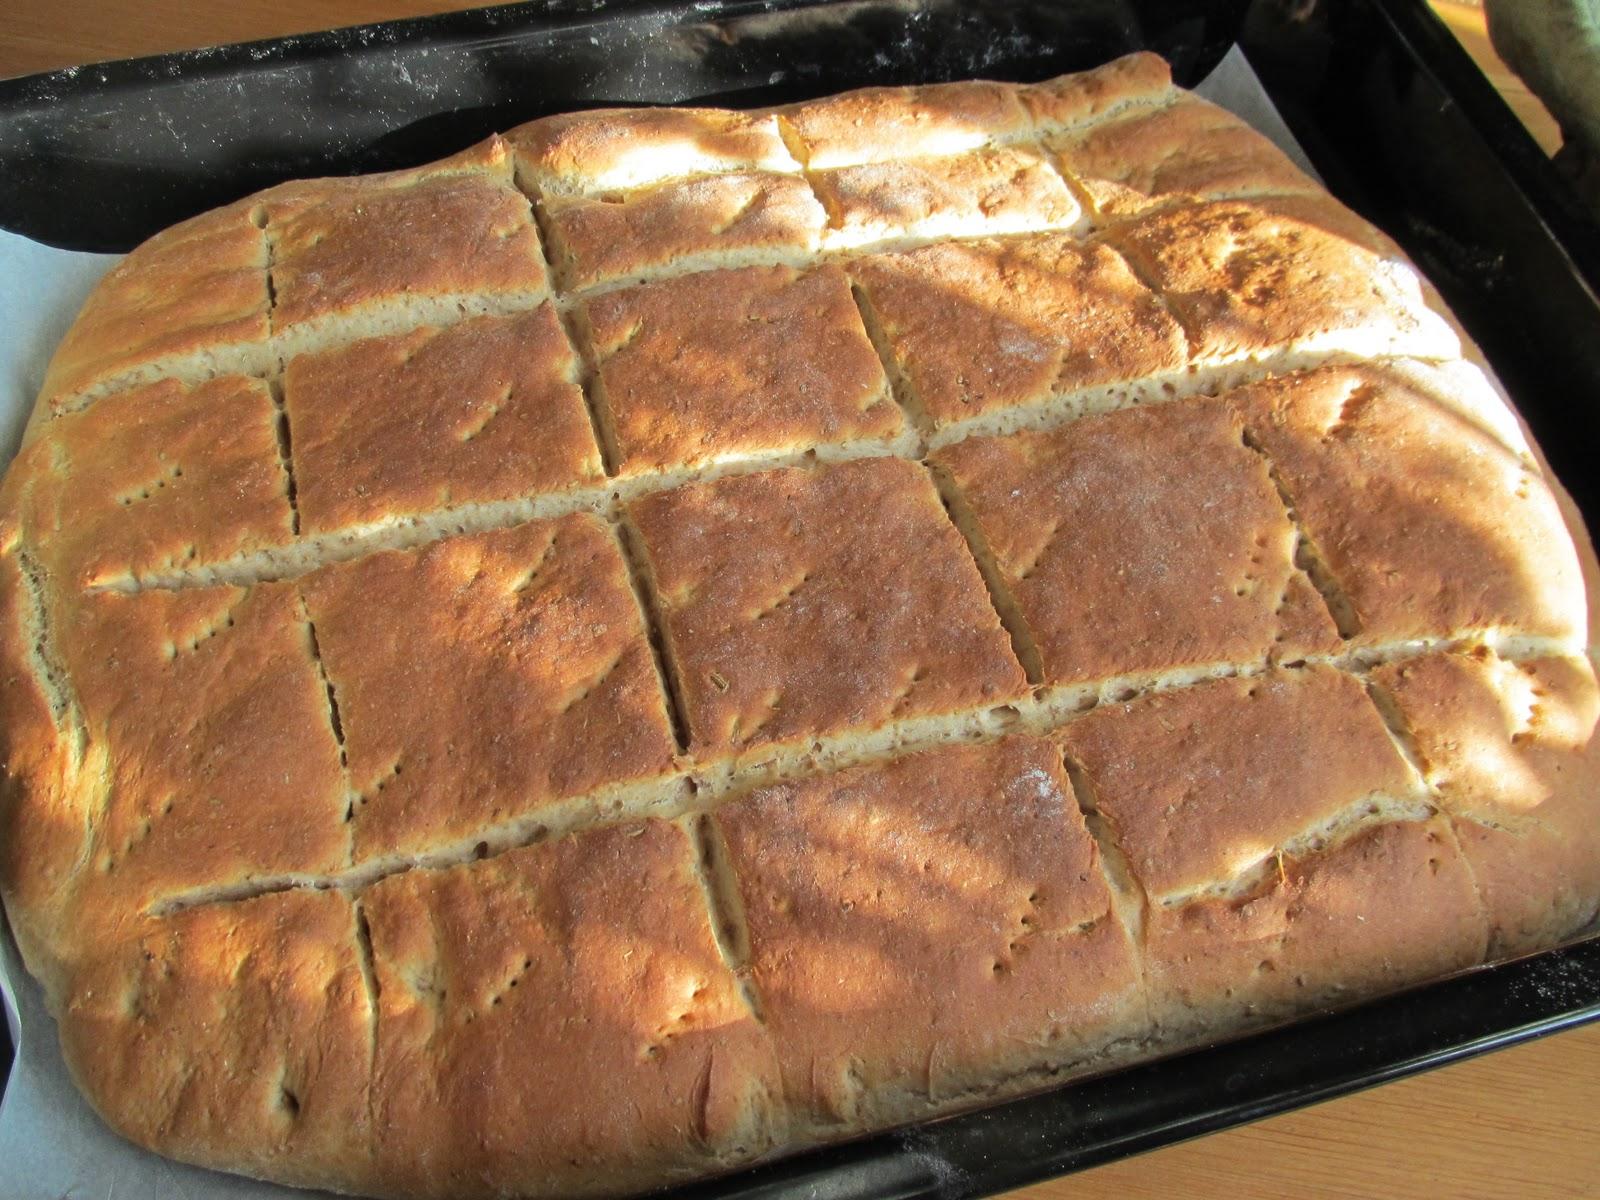 grovt rågbröd i långpanna